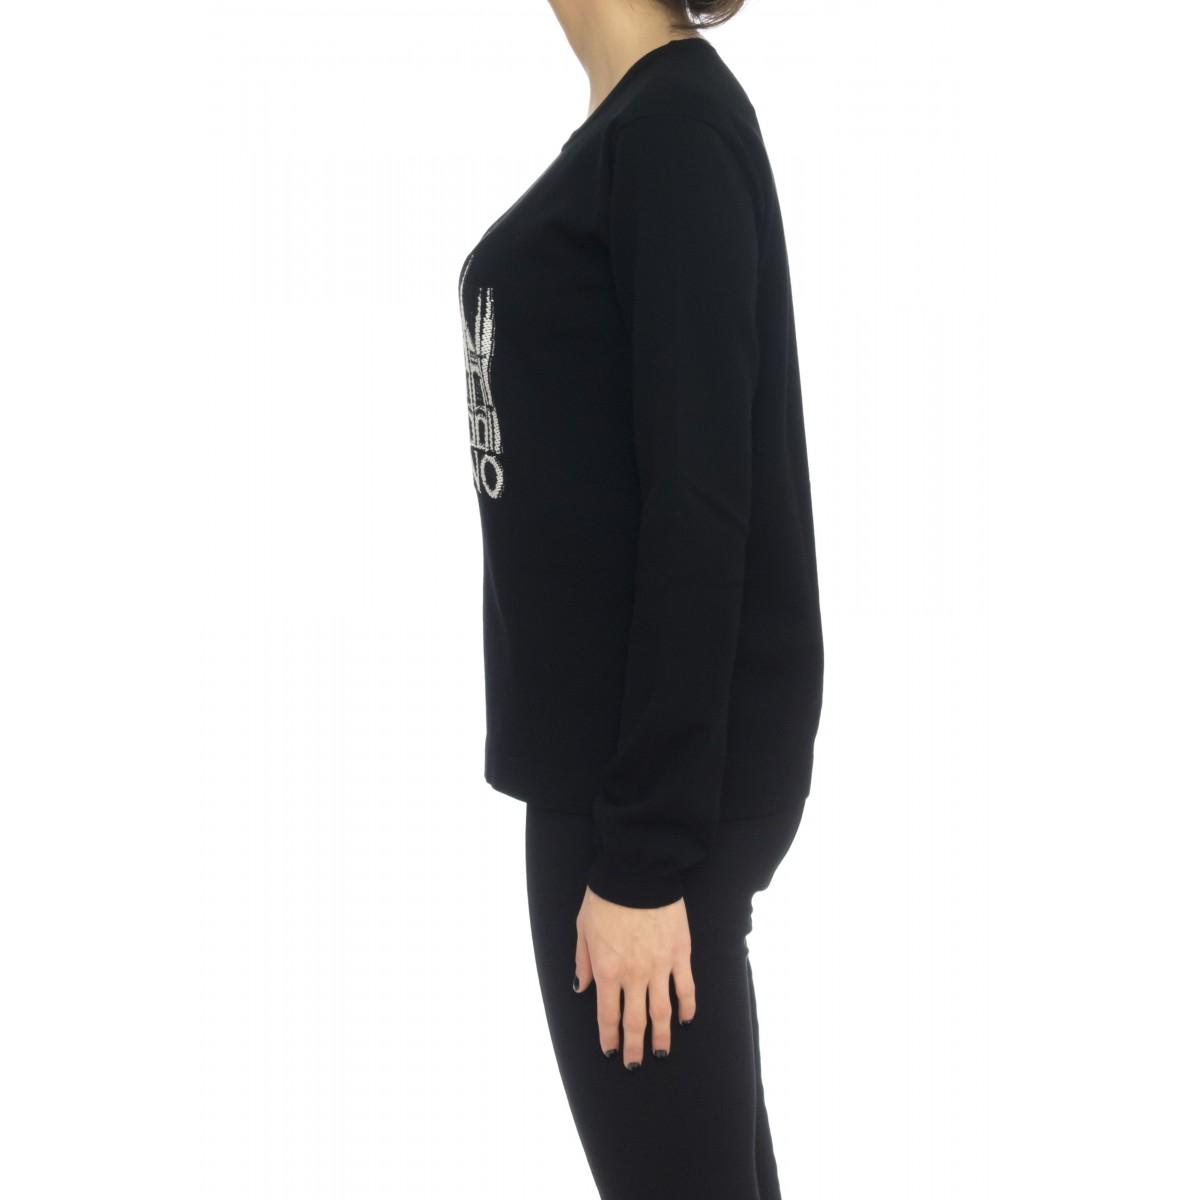 Felpa donna - 3382 maglia milano